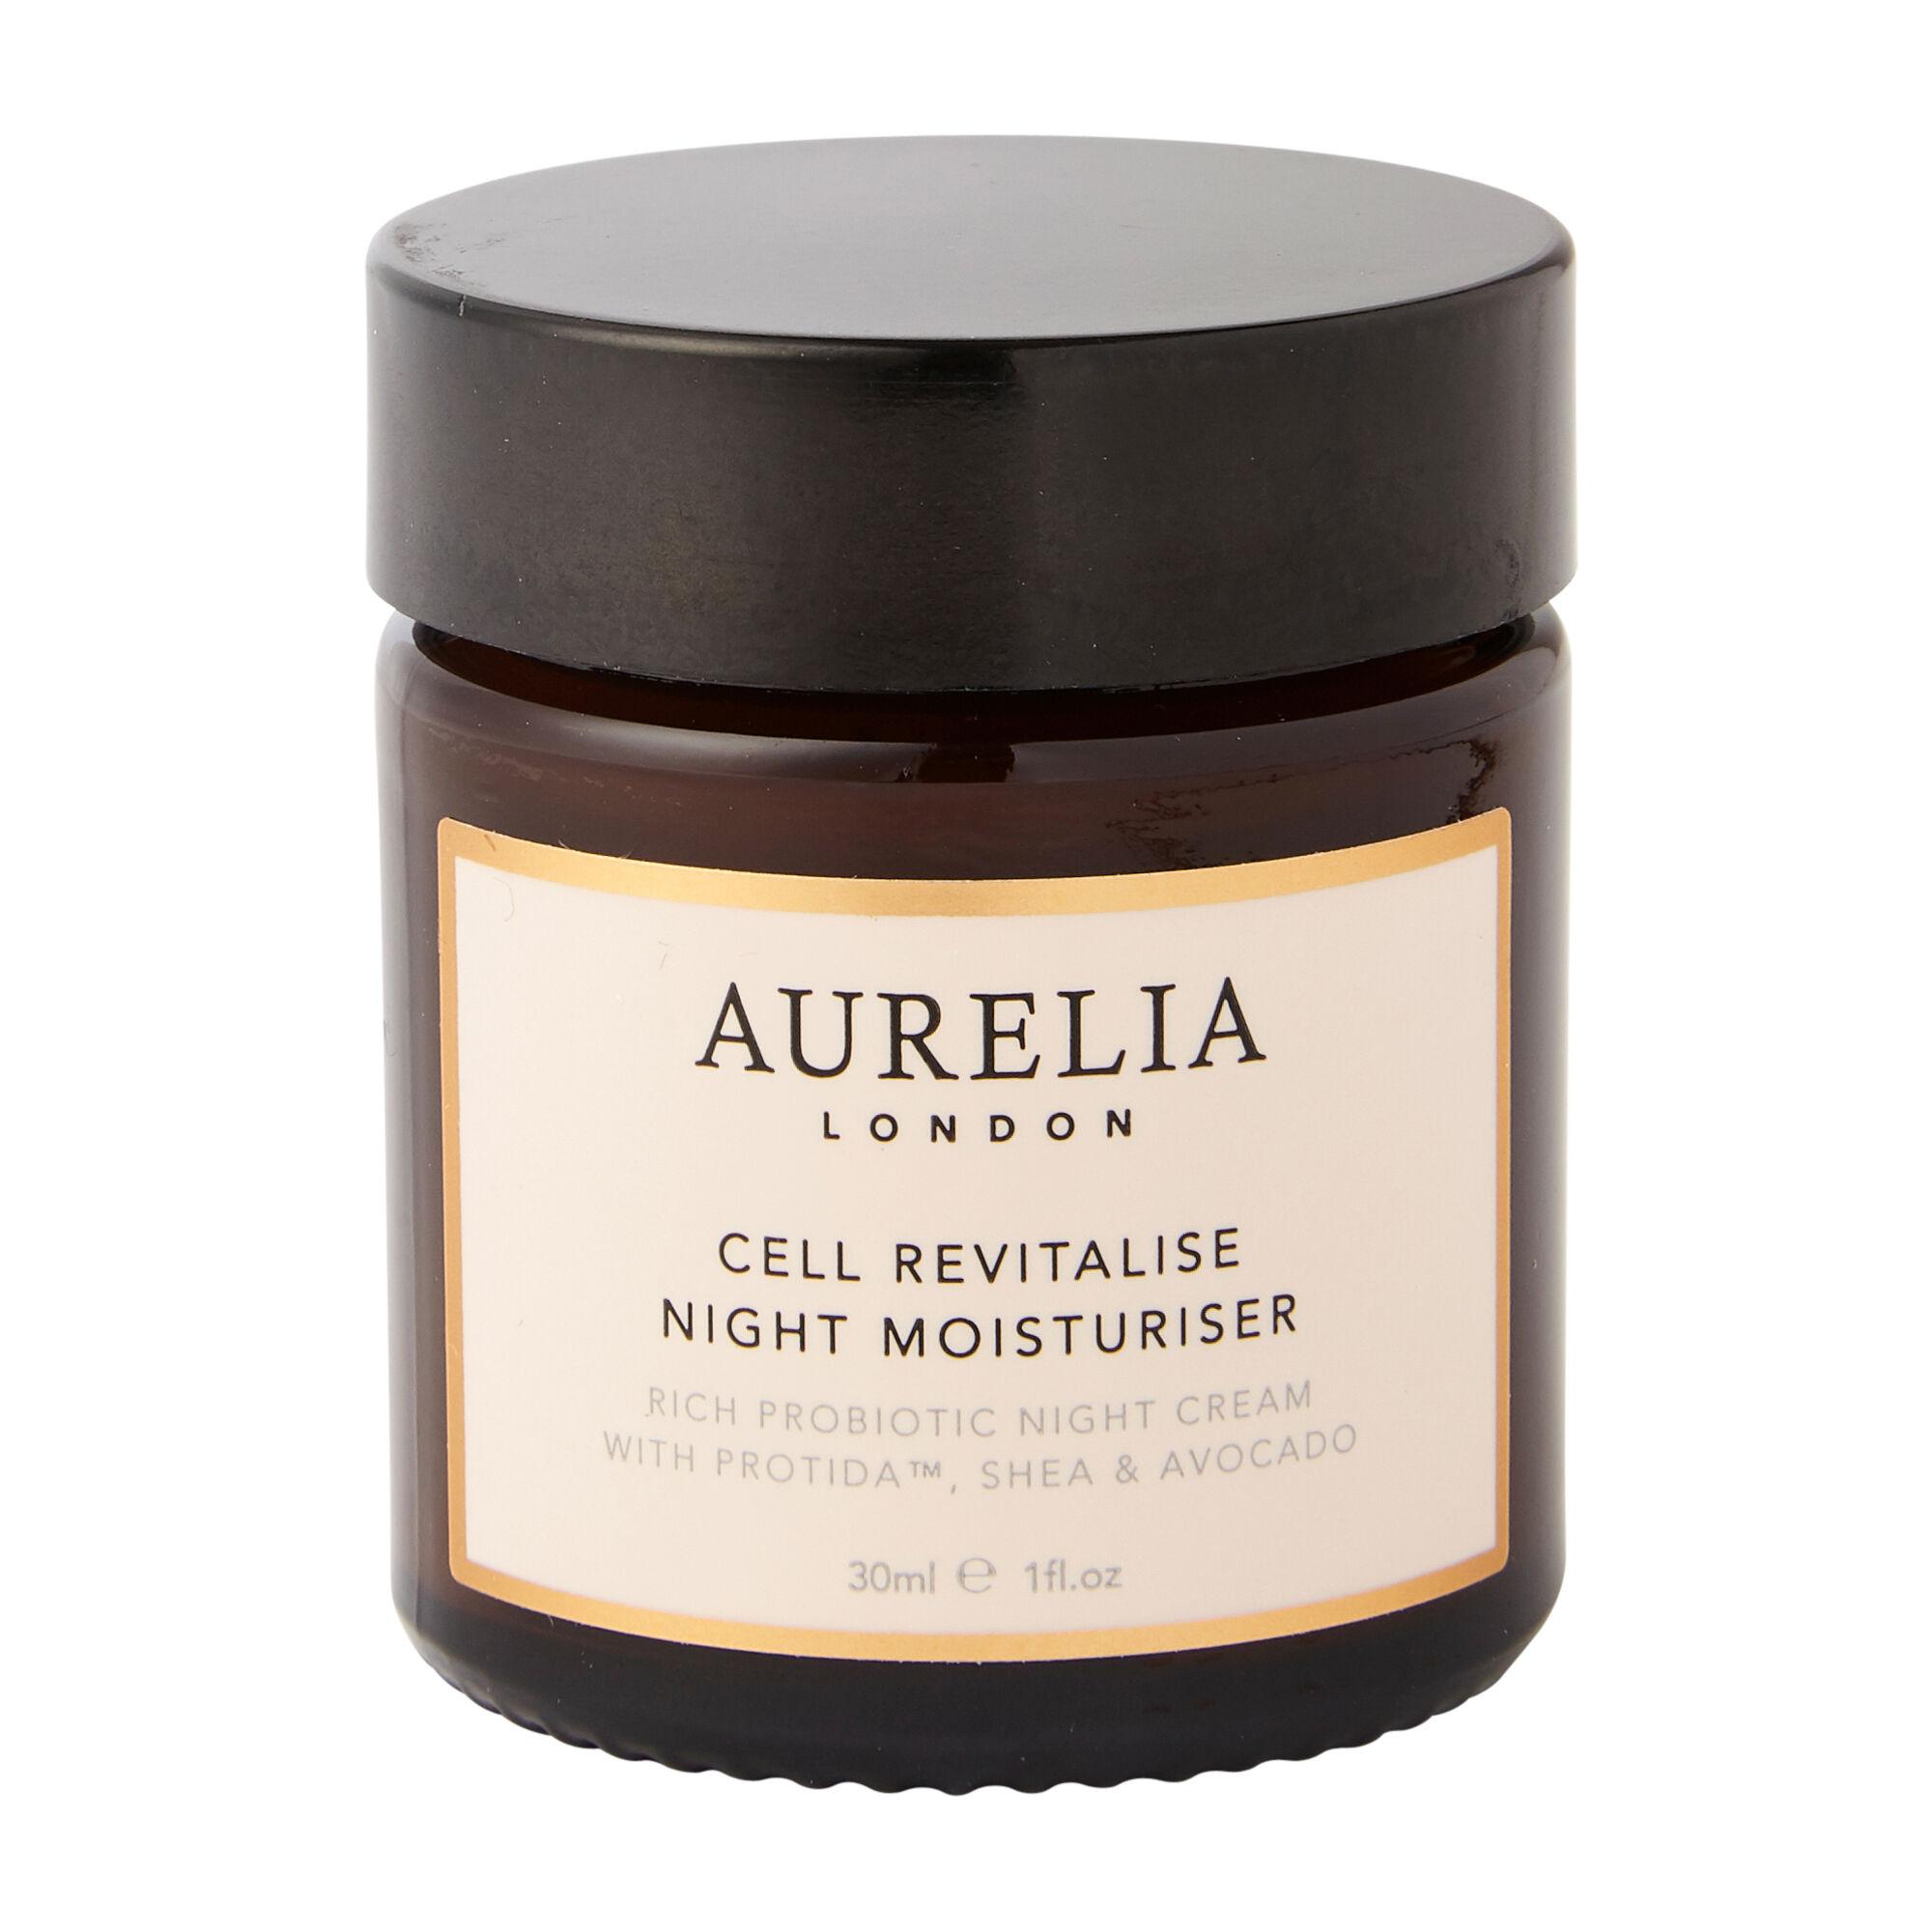 Aurelia Probiotic Skincare Cell Revitalise Night Moisturiser Cell Revitalise Night Moisturiser 30ml